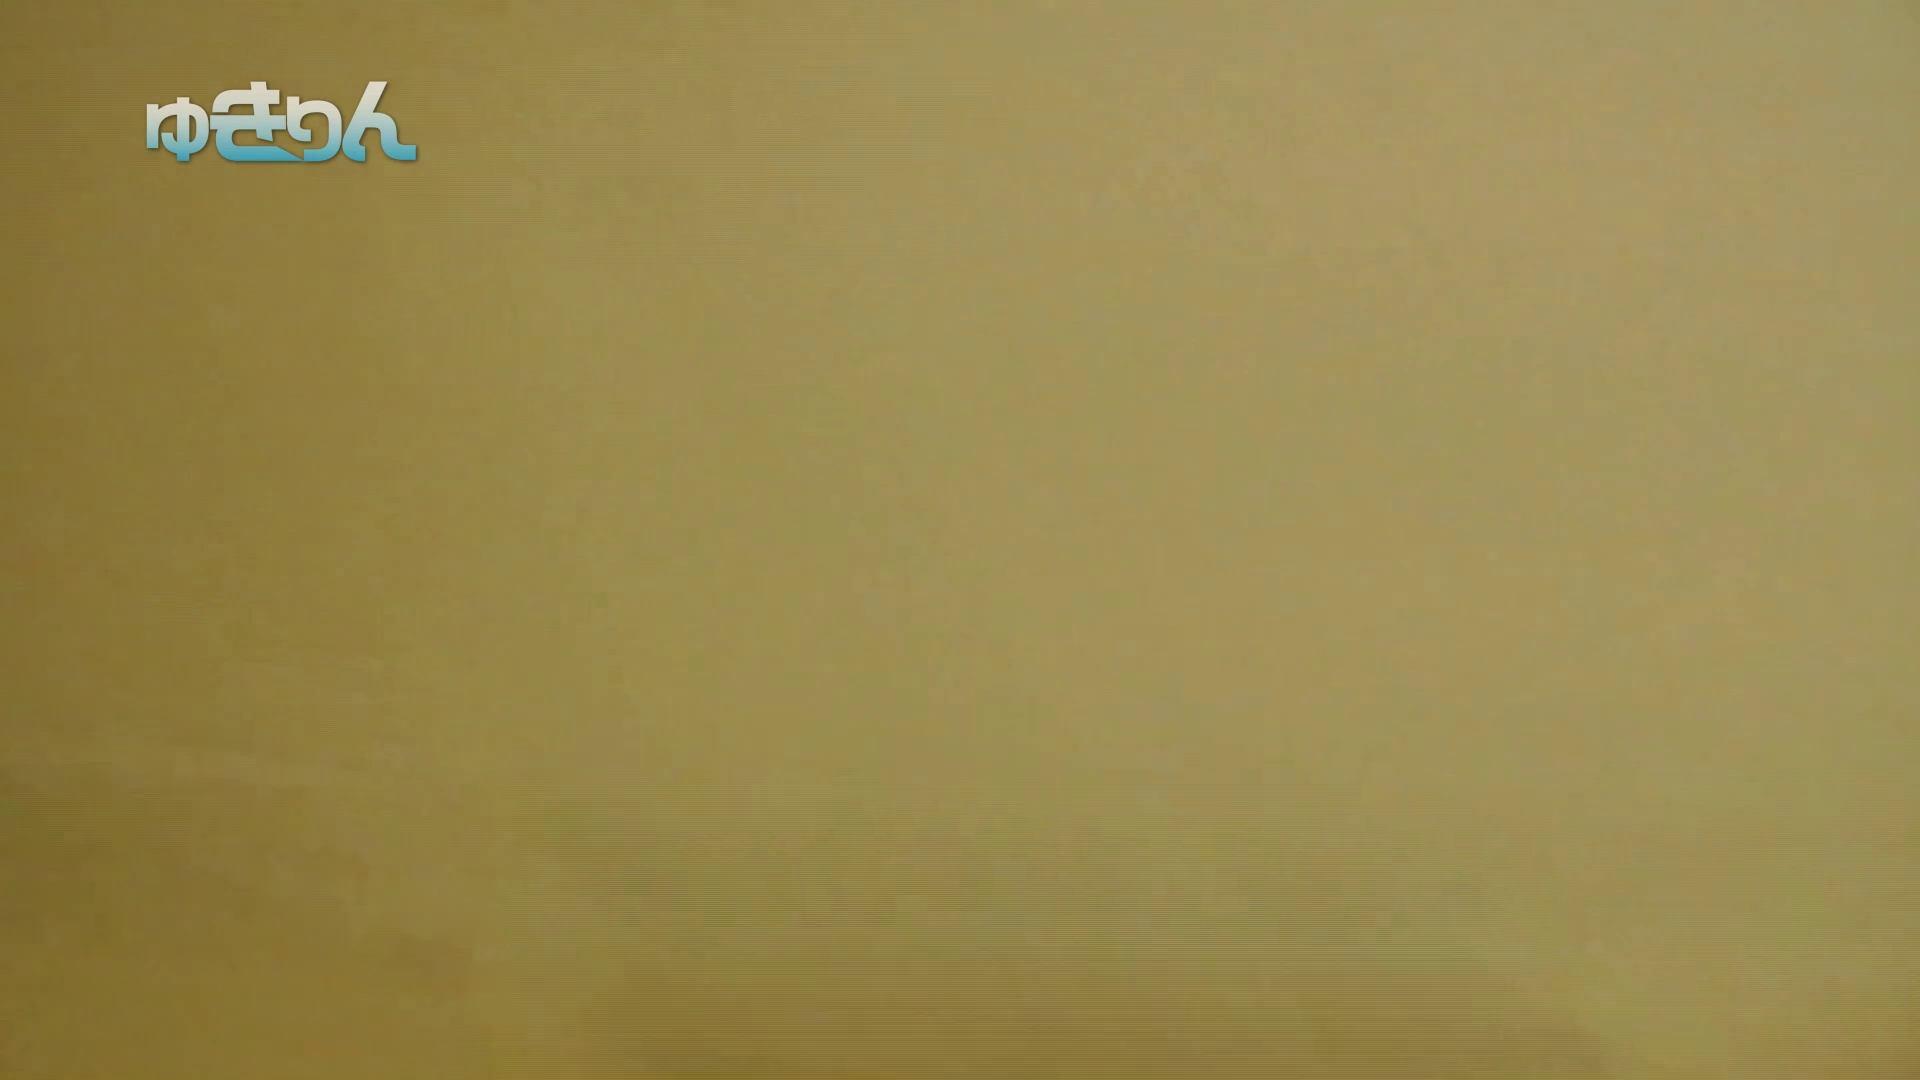 新世界の射窓 無料お試し動画02 お姉さん攻略 ぱこり動画紹介 89画像 16